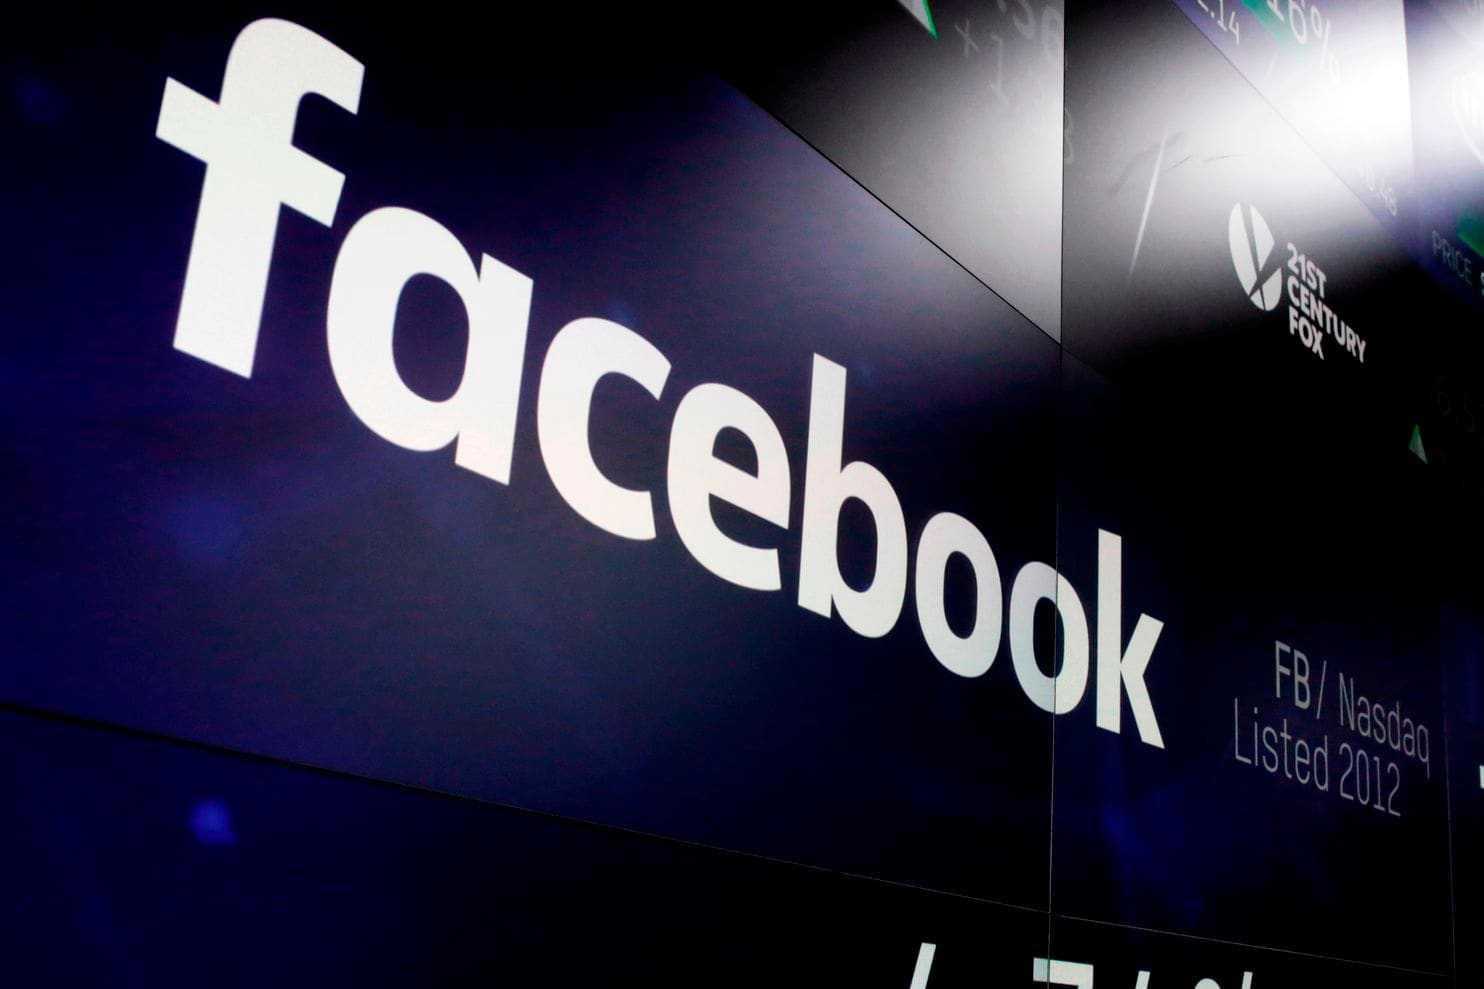 华盛顿邮报表示:FB保护用户隐私不力 或遭美创记录罚款